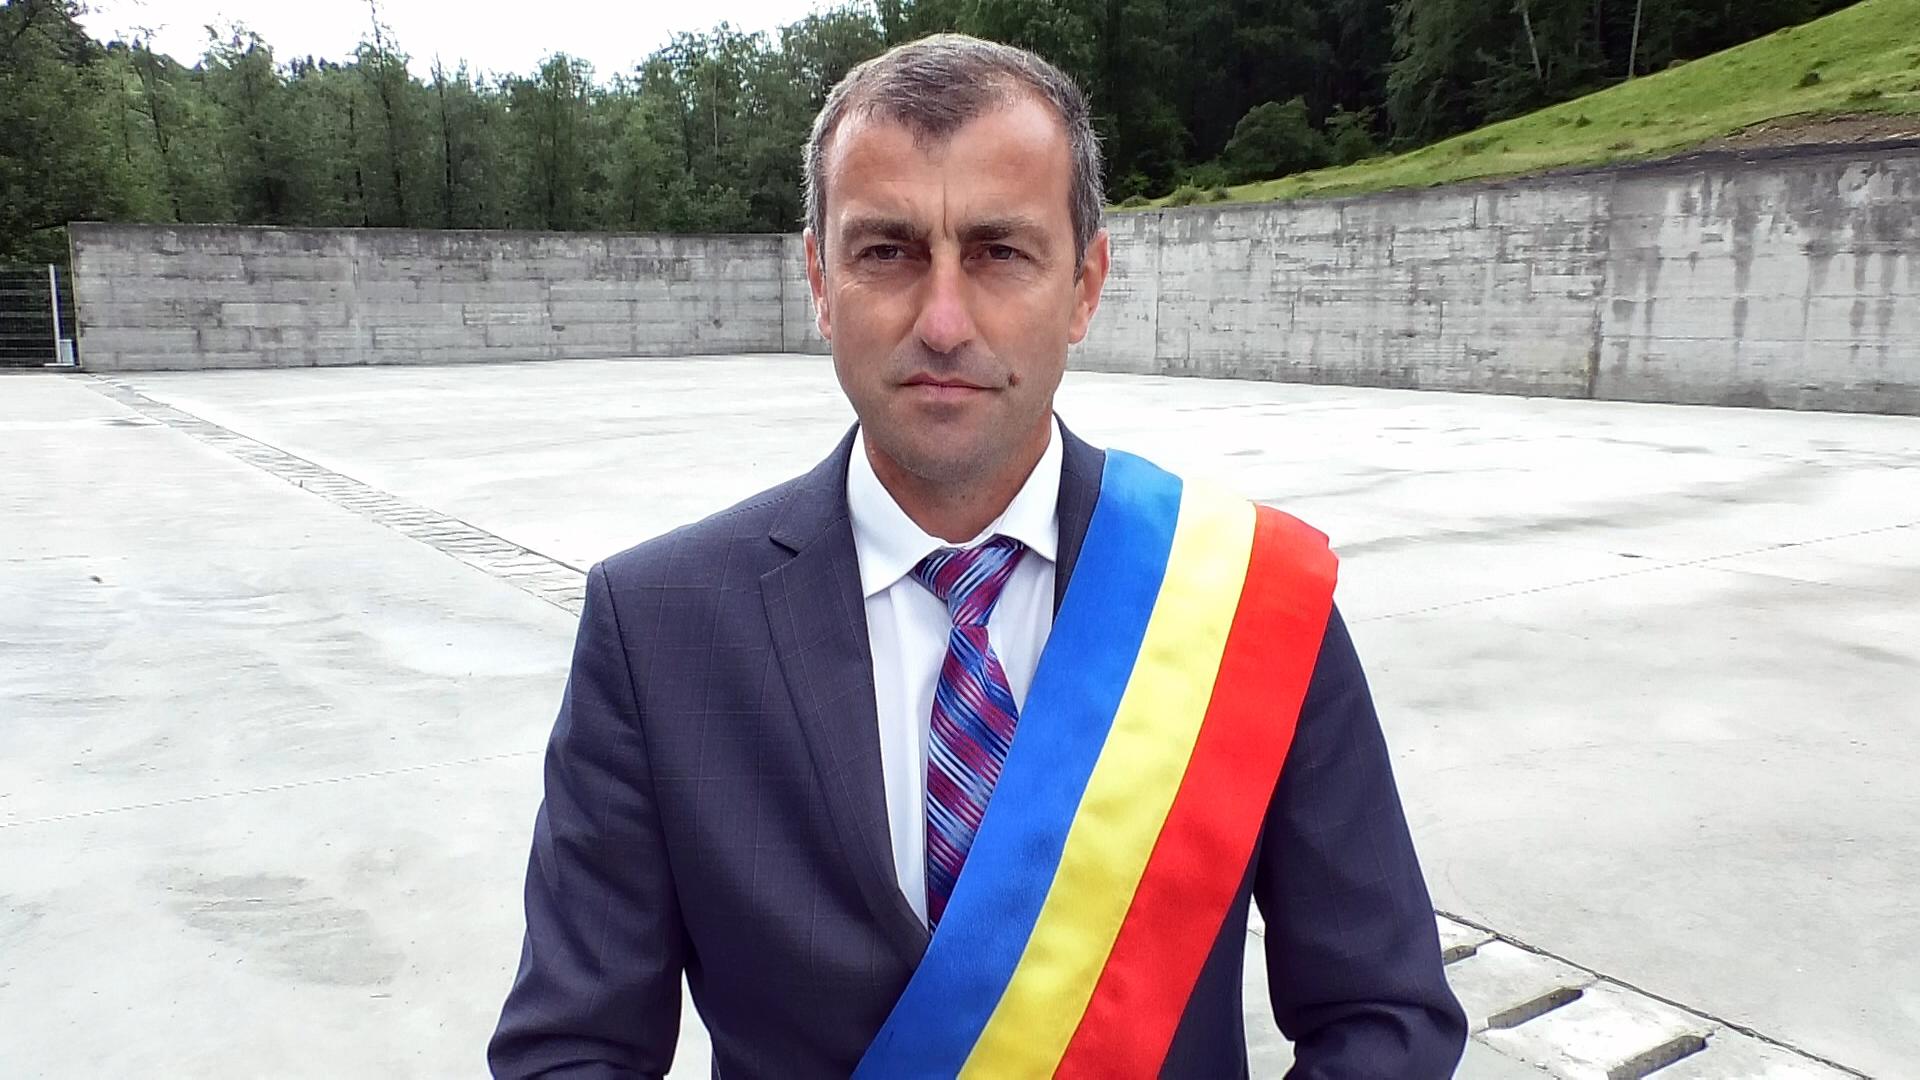 Cazurile de COVID-19 au crescut alarman, în ultimele două zile la nivelul județului Dâmbovița. Tot mai multe comunități dâmbovițene sunt lovite de COVID-19.